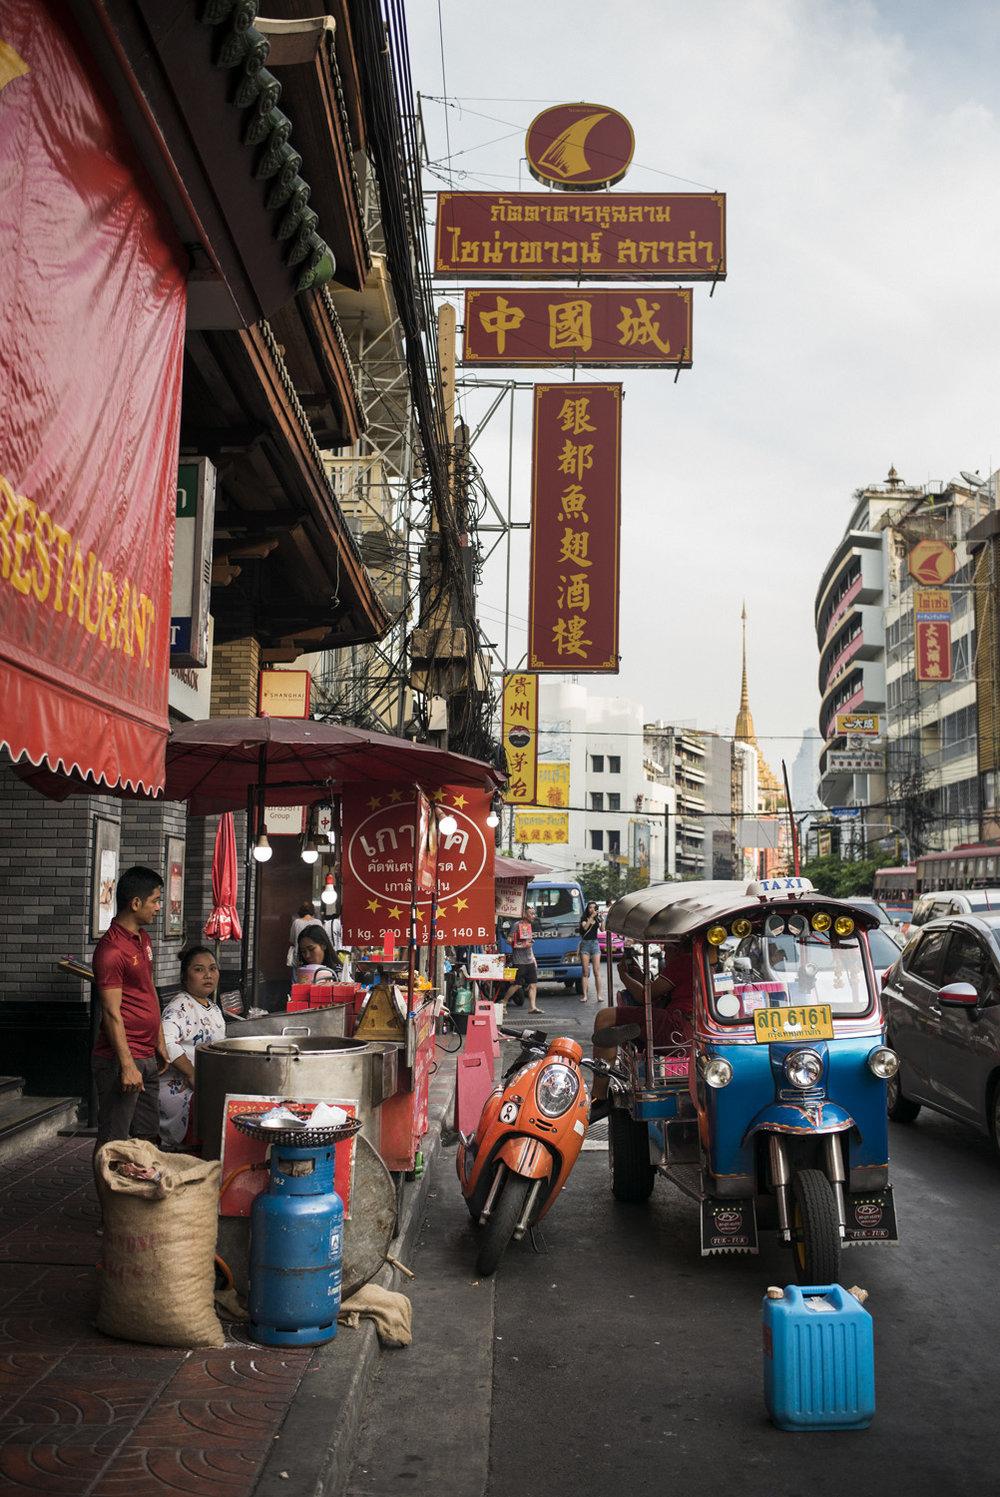 fabian stuertz 2018.12.26 - bangkok, thailand 0024-c.jpg